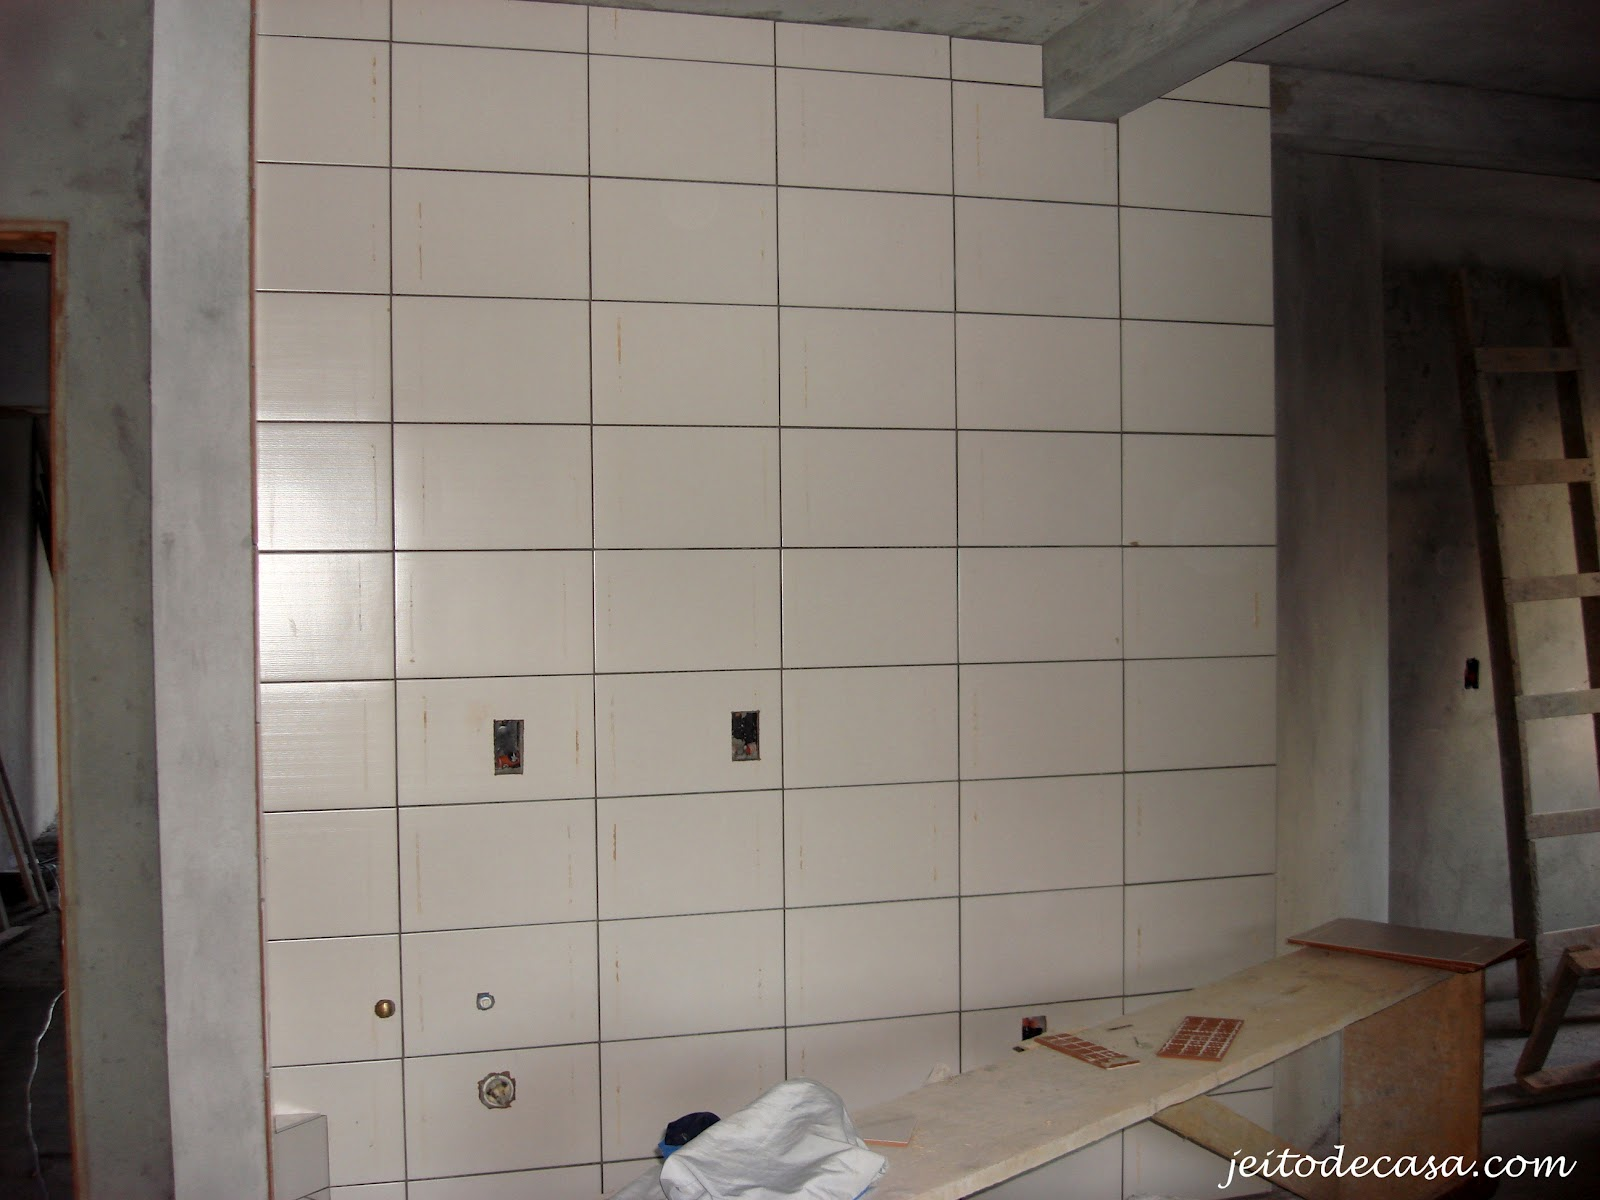 Aqui uma foto que tirei em uma obra de uma pequena construtora para o  #294164 1600x1200 Bancada Banheiro Leroy